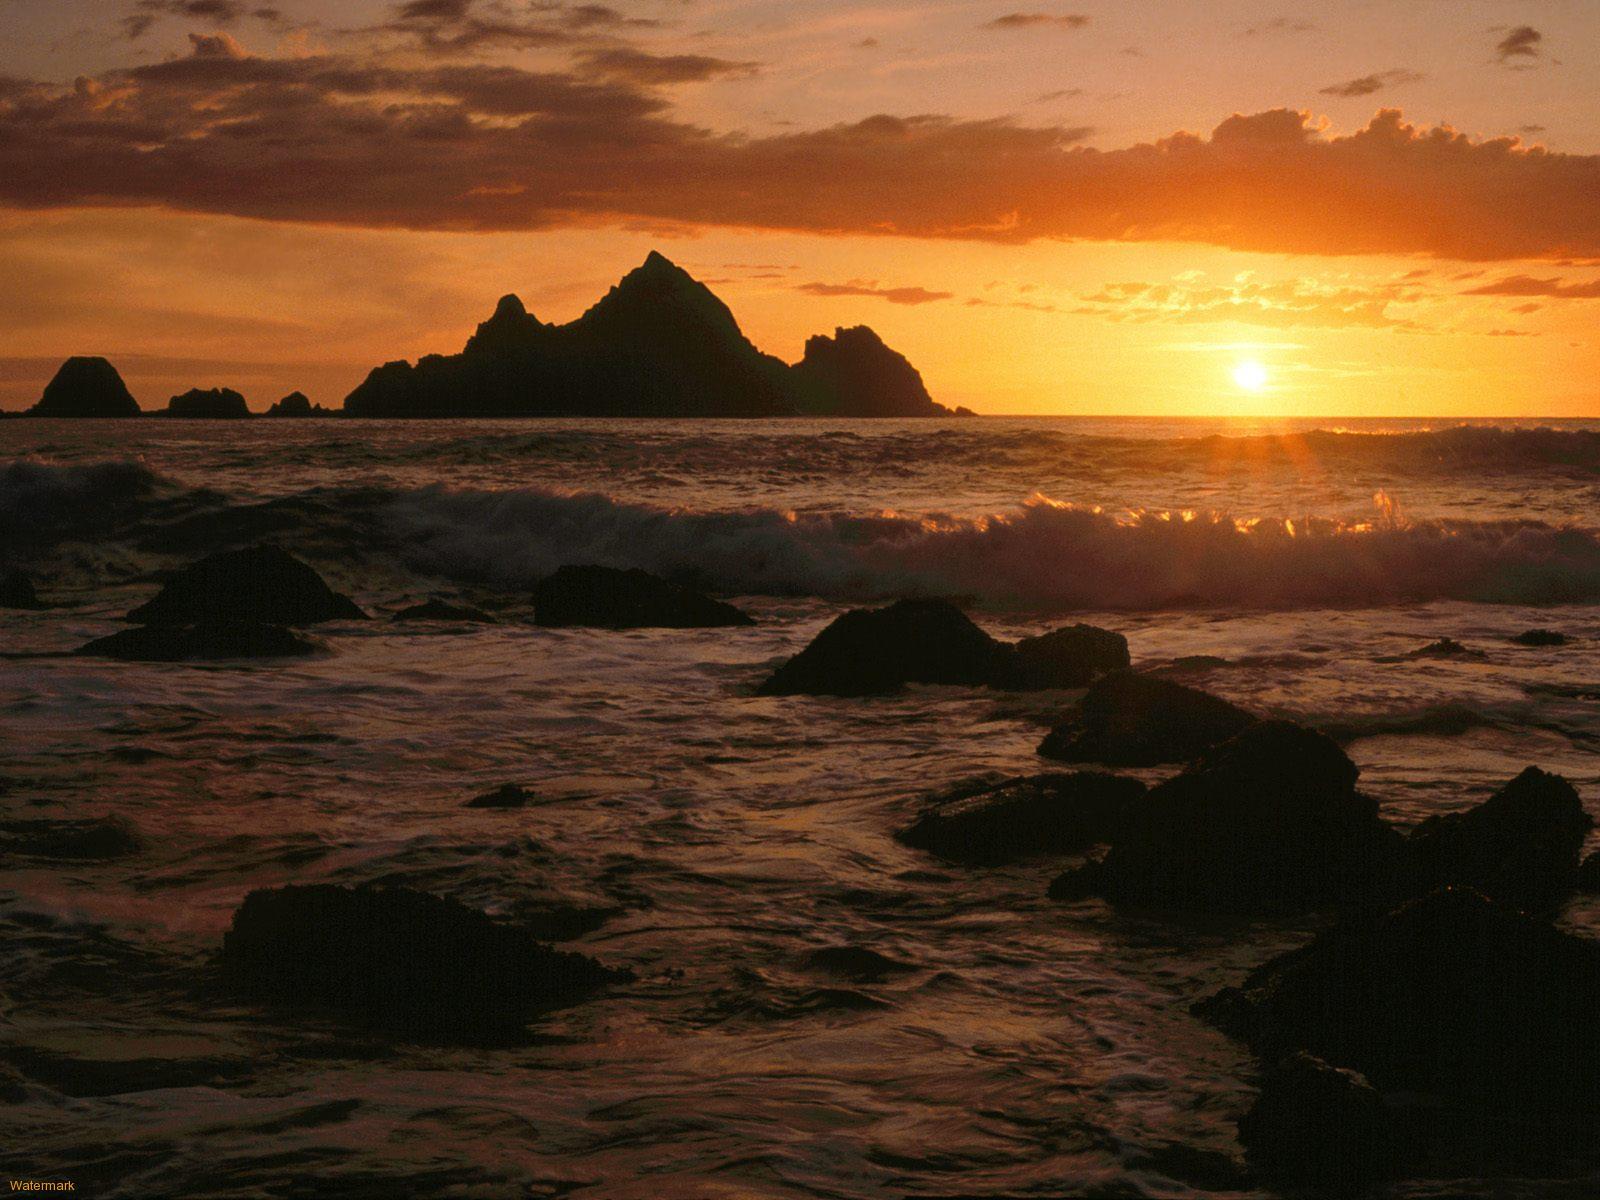 http://3.bp.blogspot.com/_A0HF2sn1zzQ/THy9OwD9pFI/AAAAAAAAAho/9cdtT3OD3AE/s1600/Beaches-77-1.jpeg